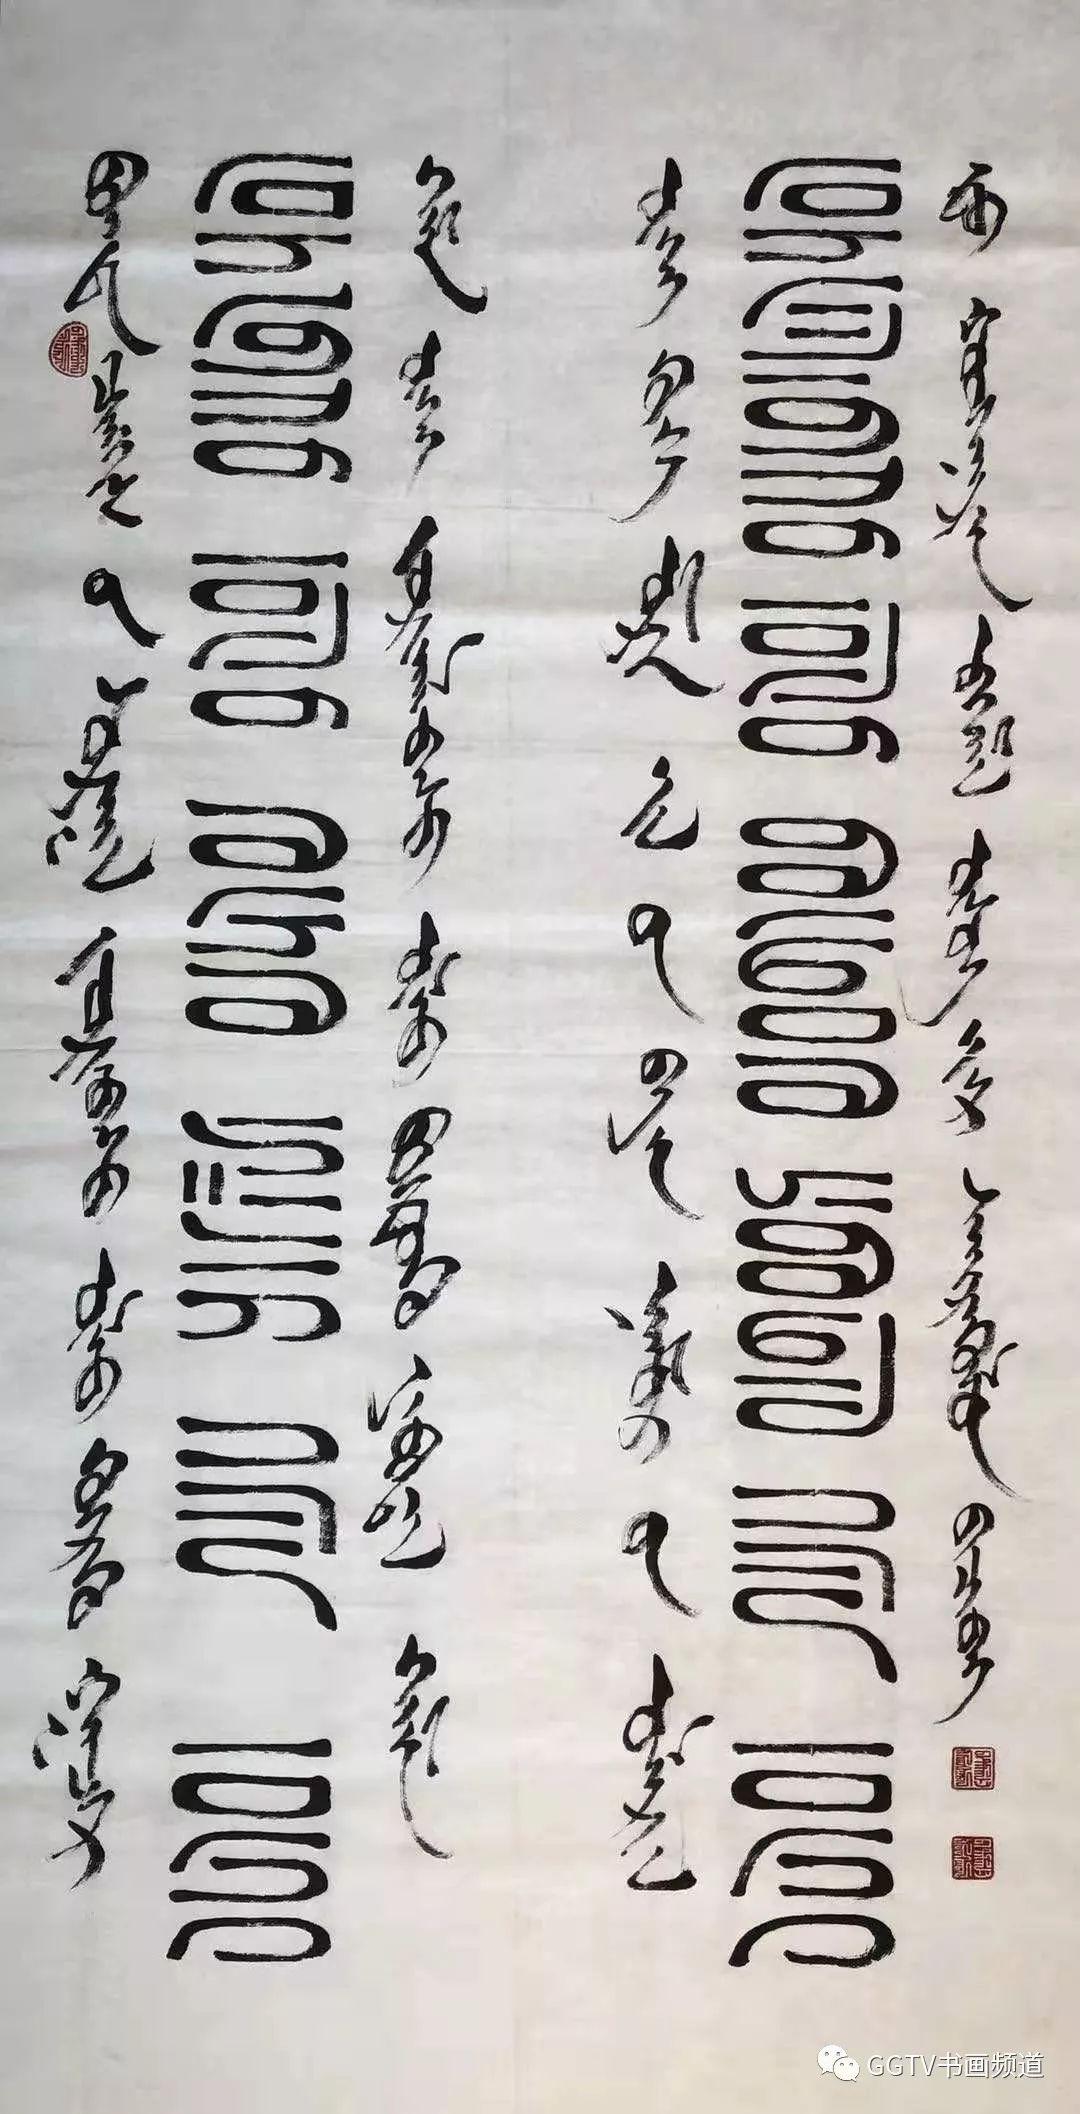 庆祝建国70周年全国优秀艺术家  —— 鲍好斯那拉作品展 第21张 庆祝建国70周年全国优秀艺术家   ——  鲍好斯那拉作品展 蒙古书法